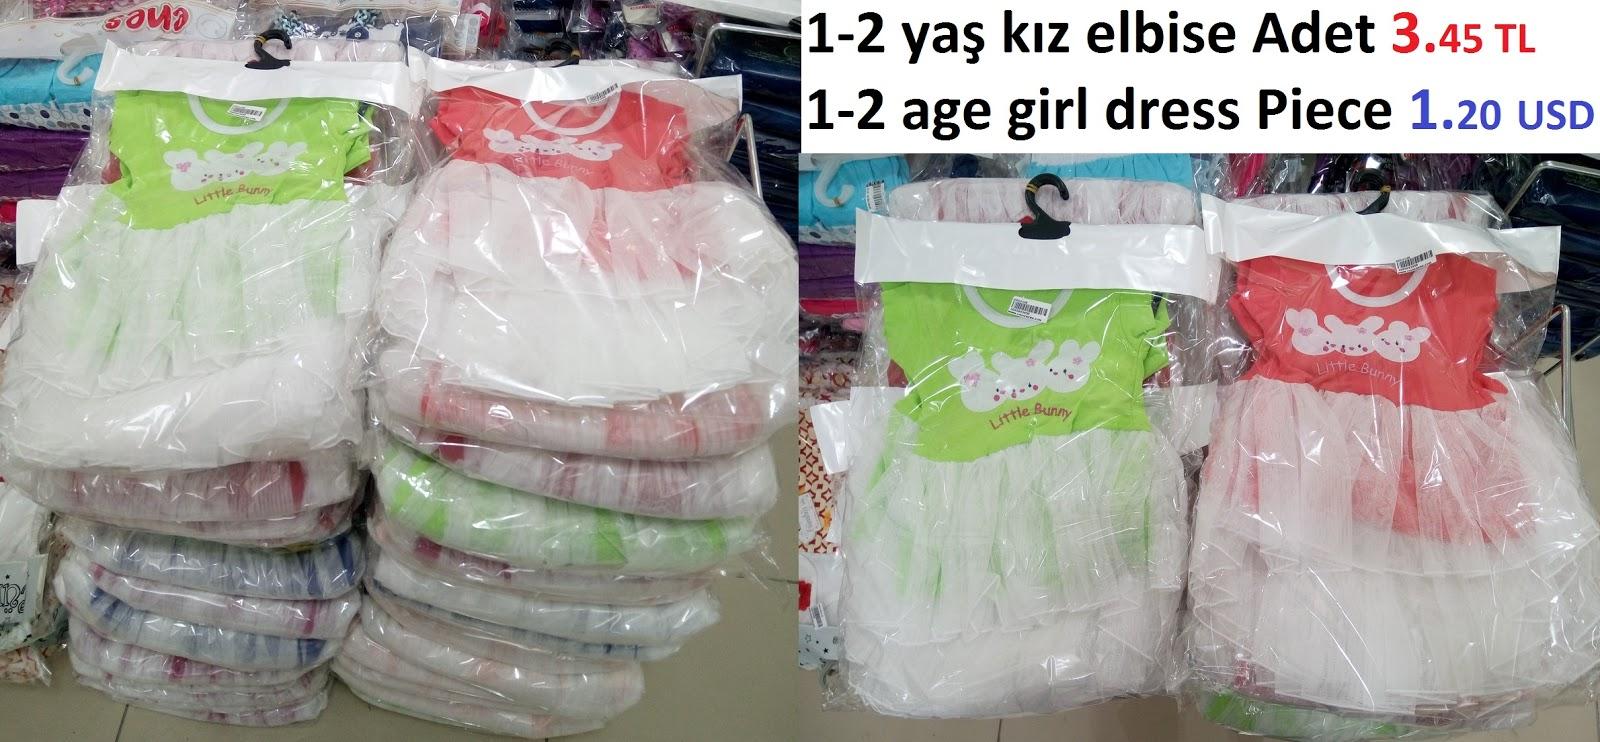 en ucuz kız çocuk giyim ürünleri satan yerler ve firmalar